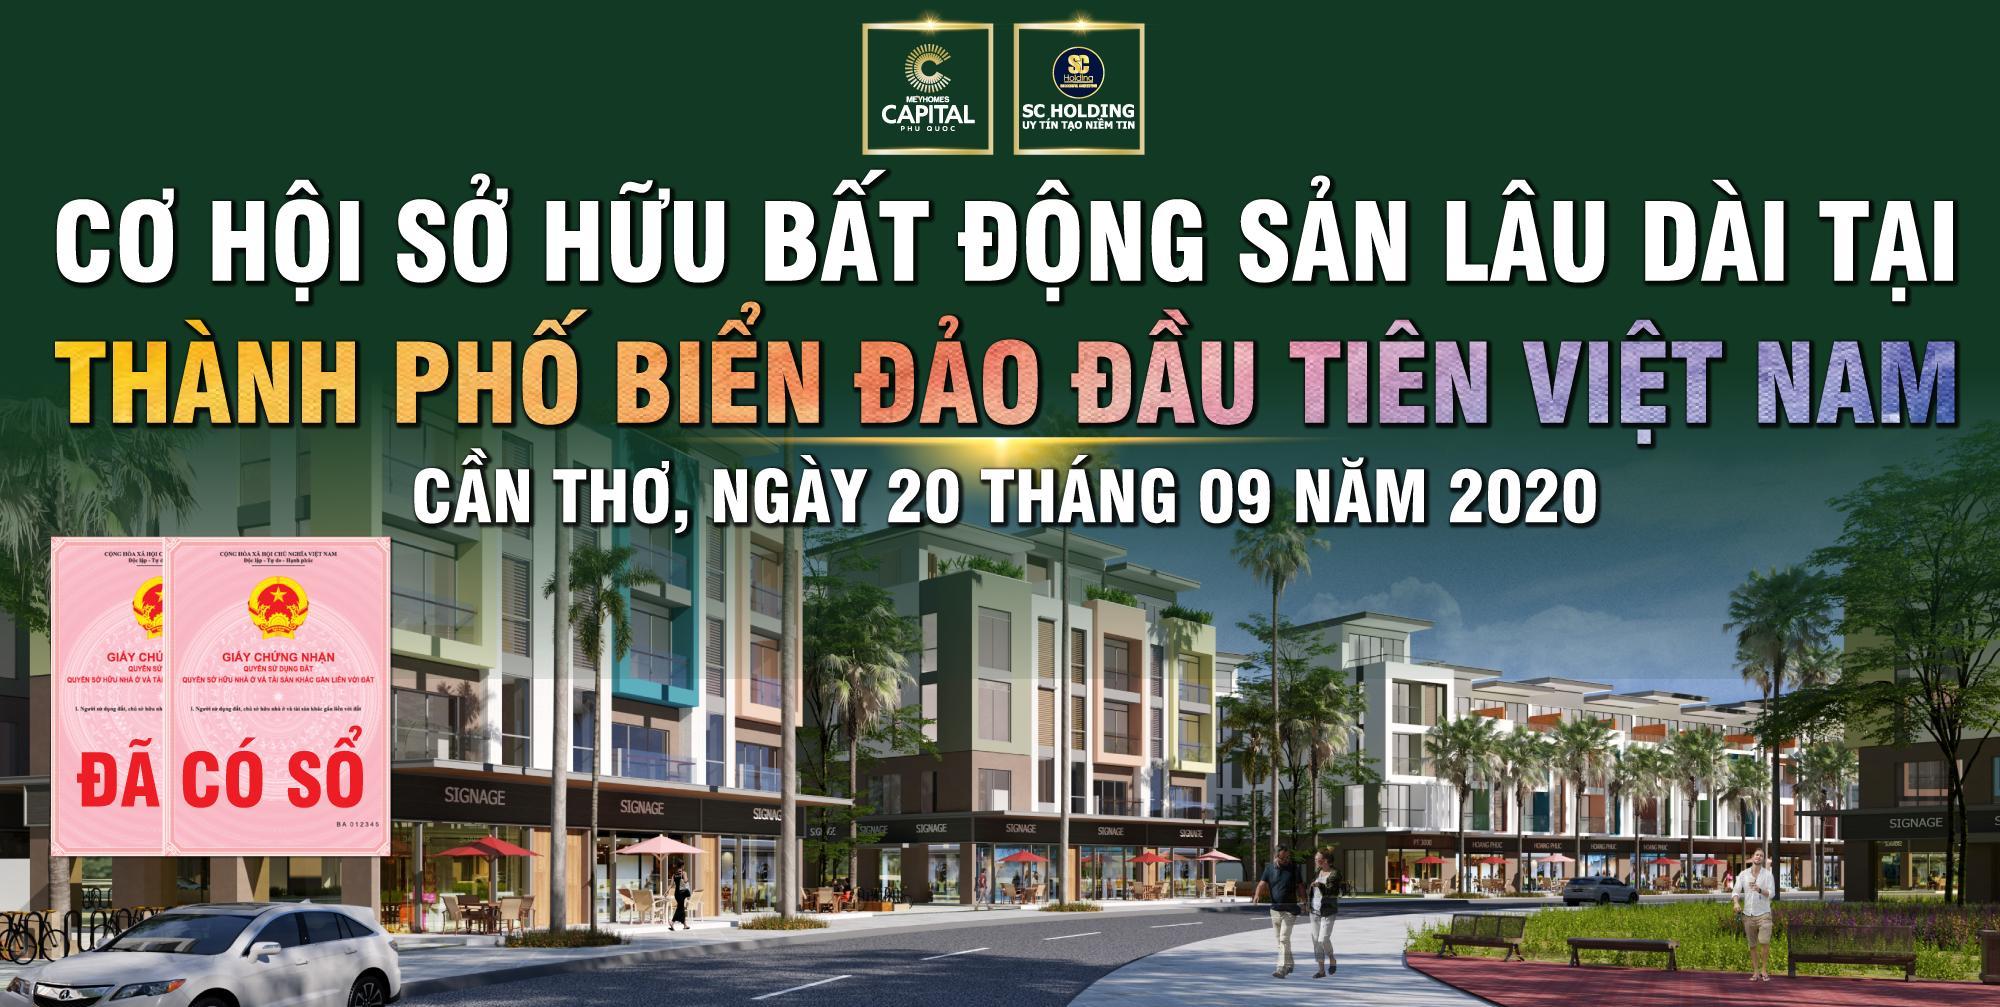 Meyhomes Capital Phú Quốc tung chính sách bán hàng hấp dẫn tháng 09/2020